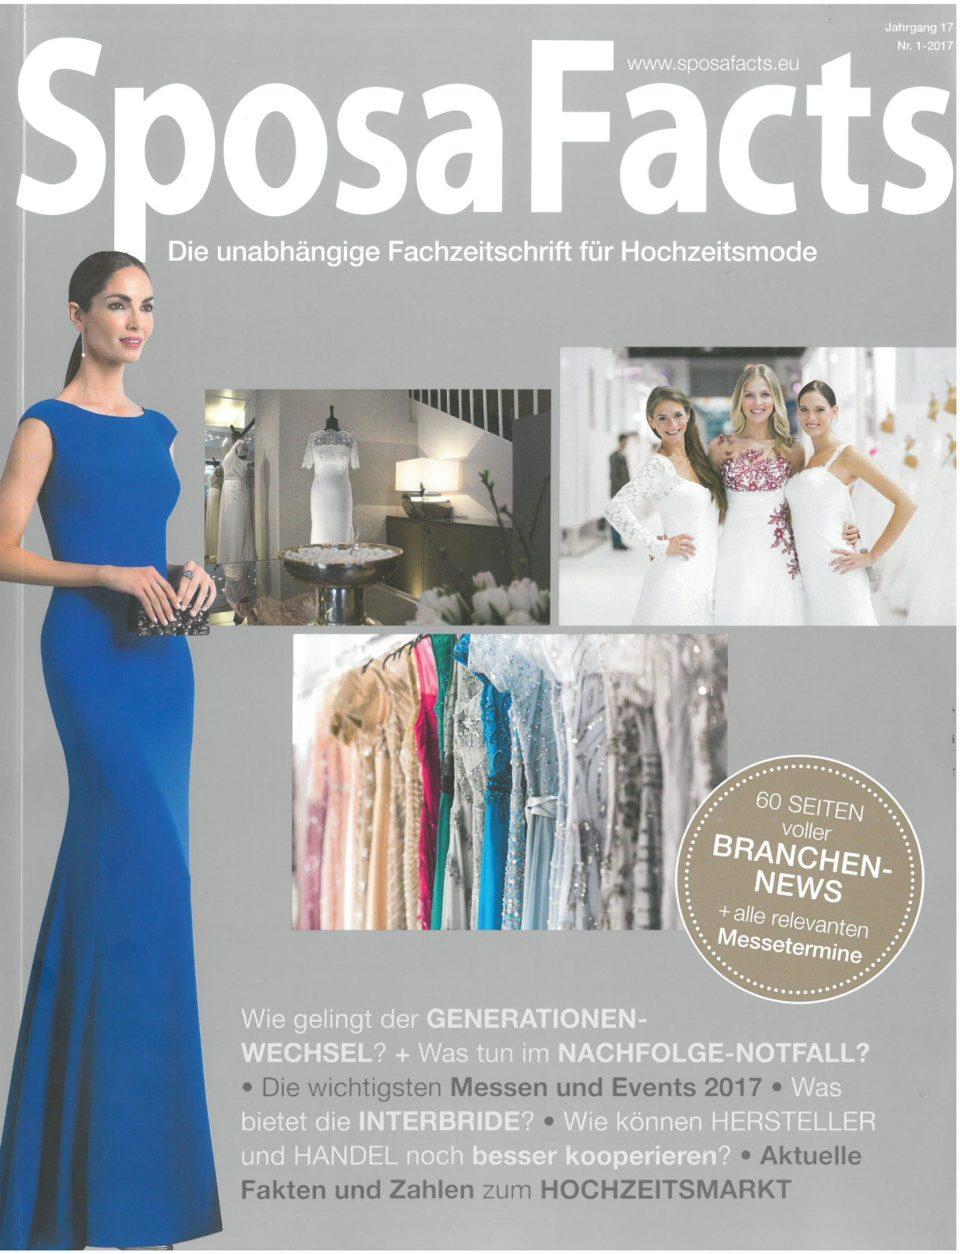 SposaFacts